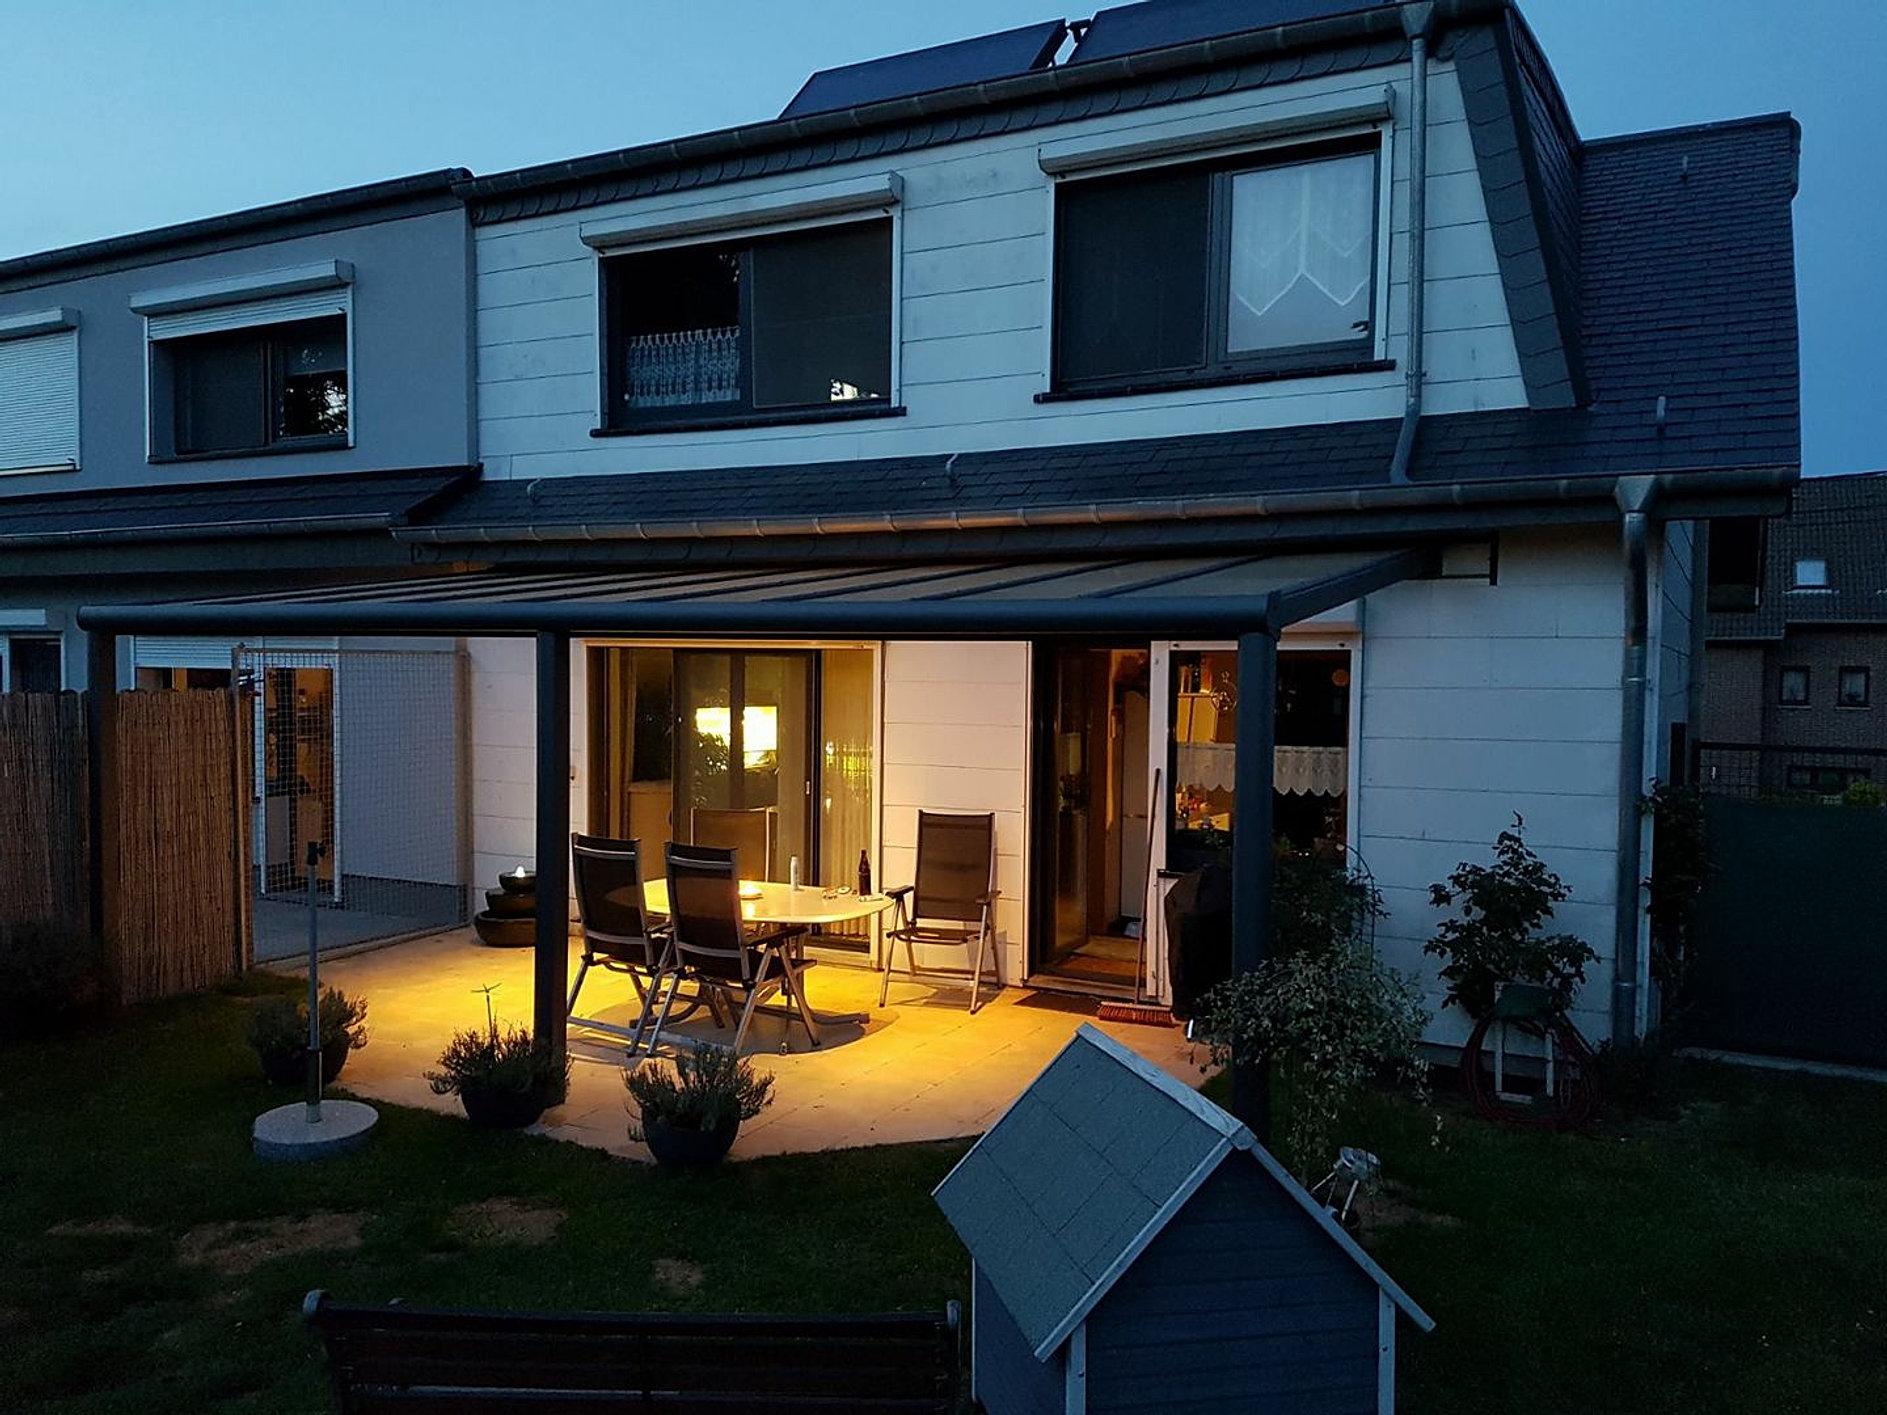 Terrassen berdachng nordrhein westfalen wintergarten solution - Wintergarten bonn ...